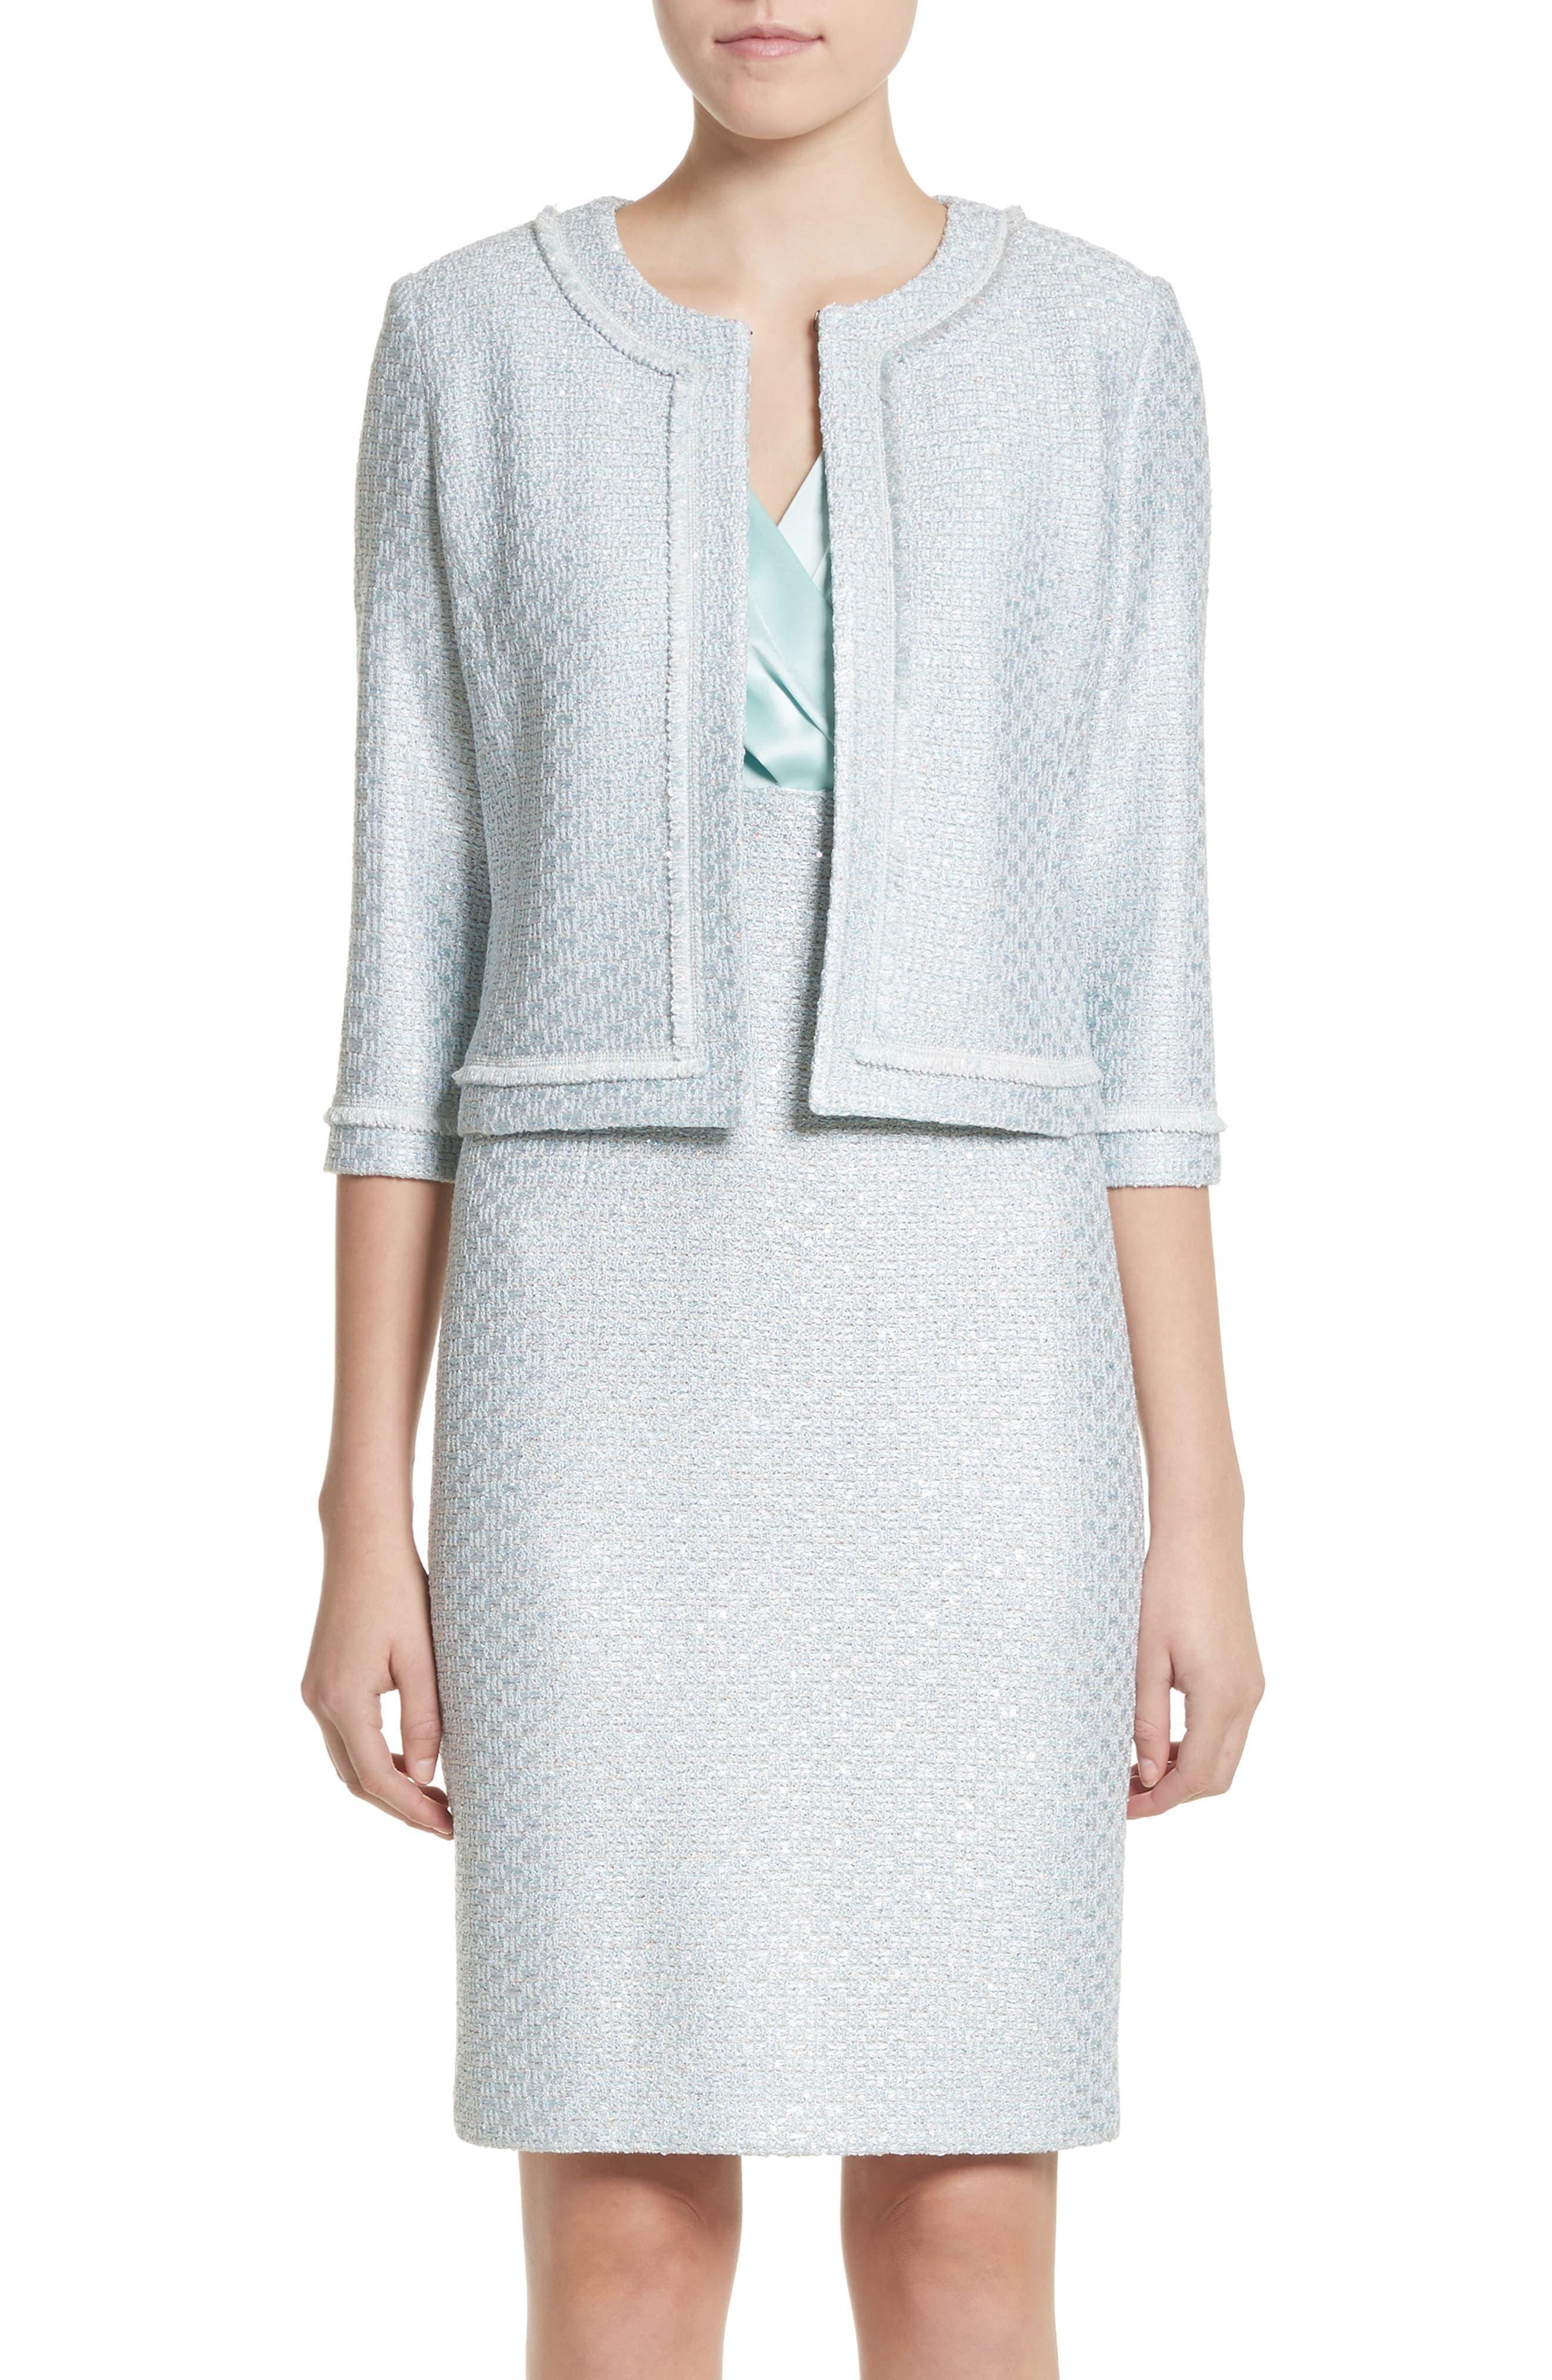 Hansh Sequin Knit Jacket,                         Main,                         color, 440